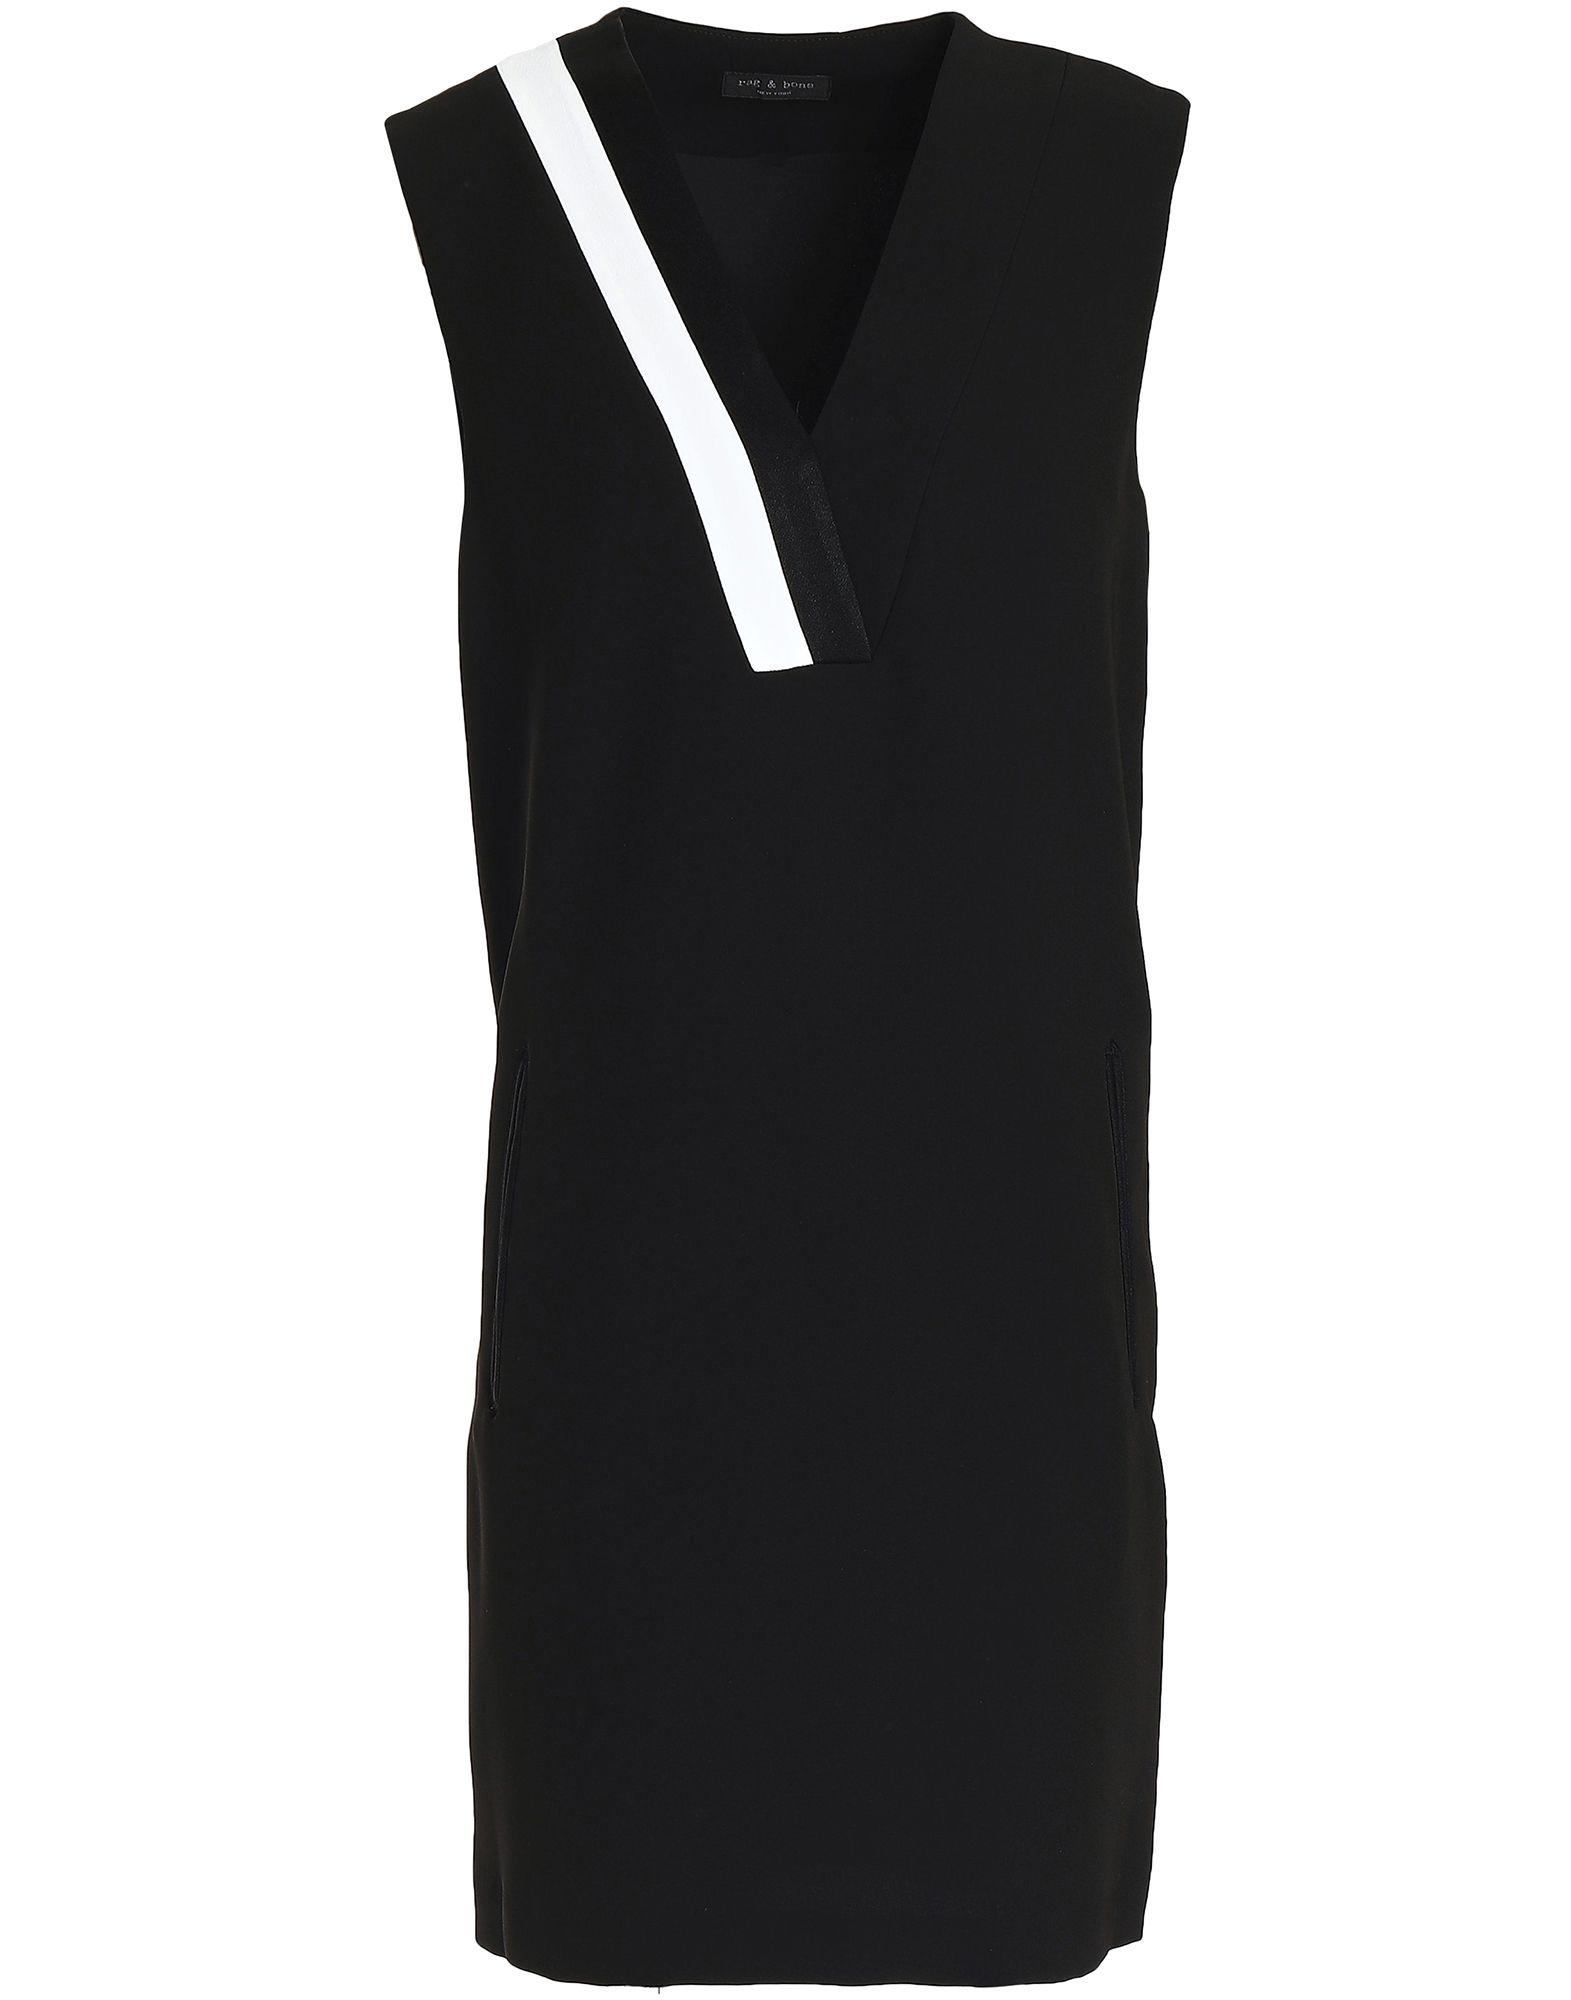 《セール開催中》RAG &BONE レディース ミニワンピース&ドレス ブラック 10 ポリエステル 61% / トリアセテート 39% / コットン / ナイロン